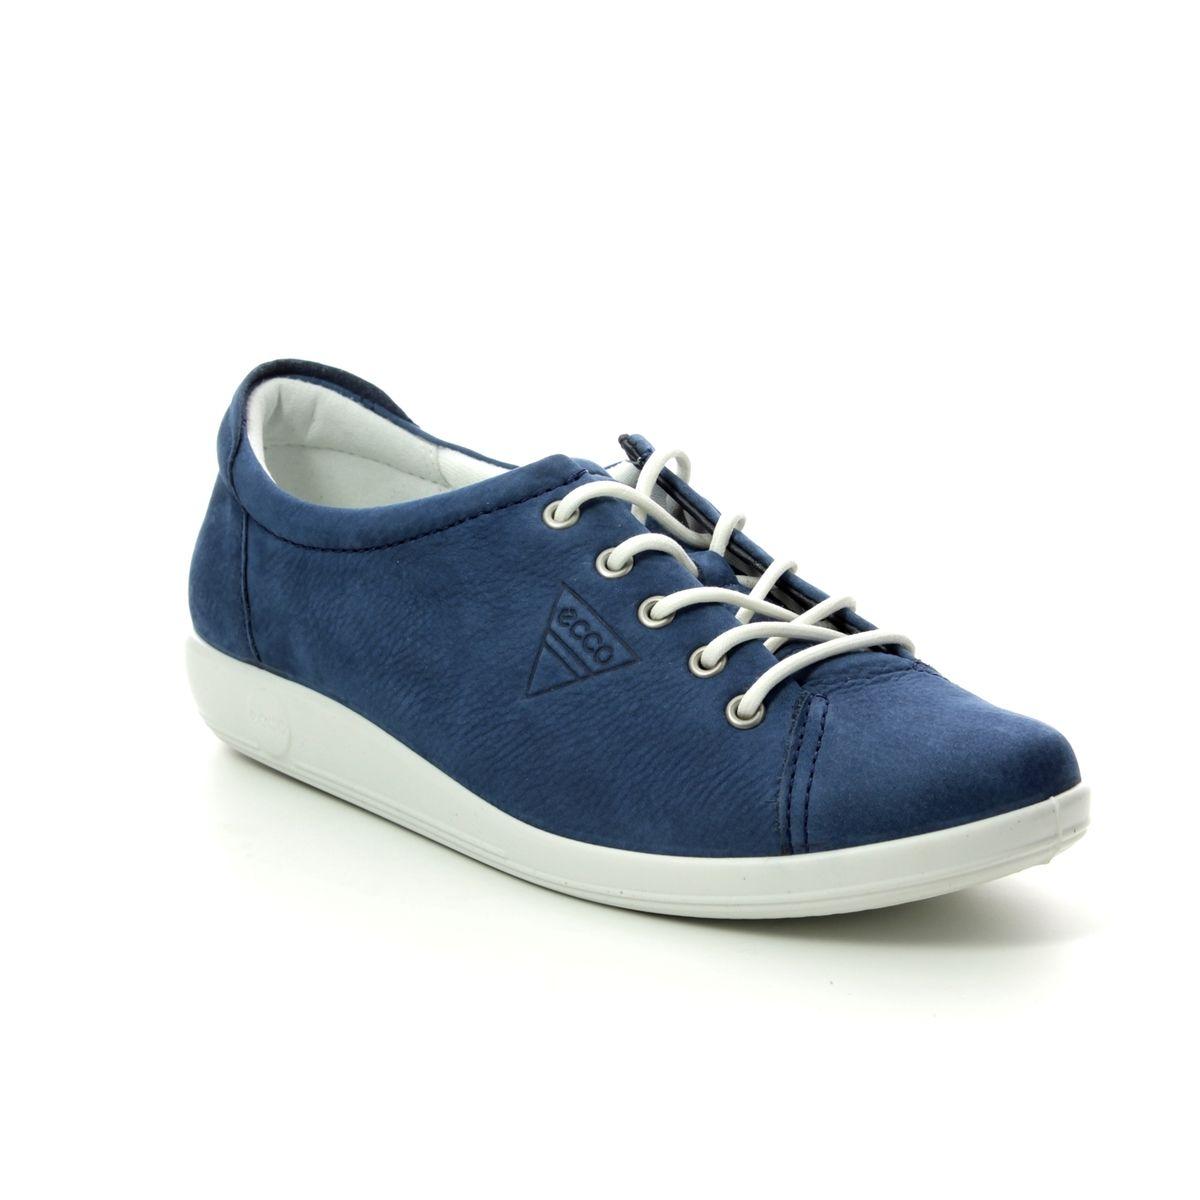 c9371cd6fd62a ECCO Lacing Shoes - Navy nubuck - 206503/02048 SOFT 2.0